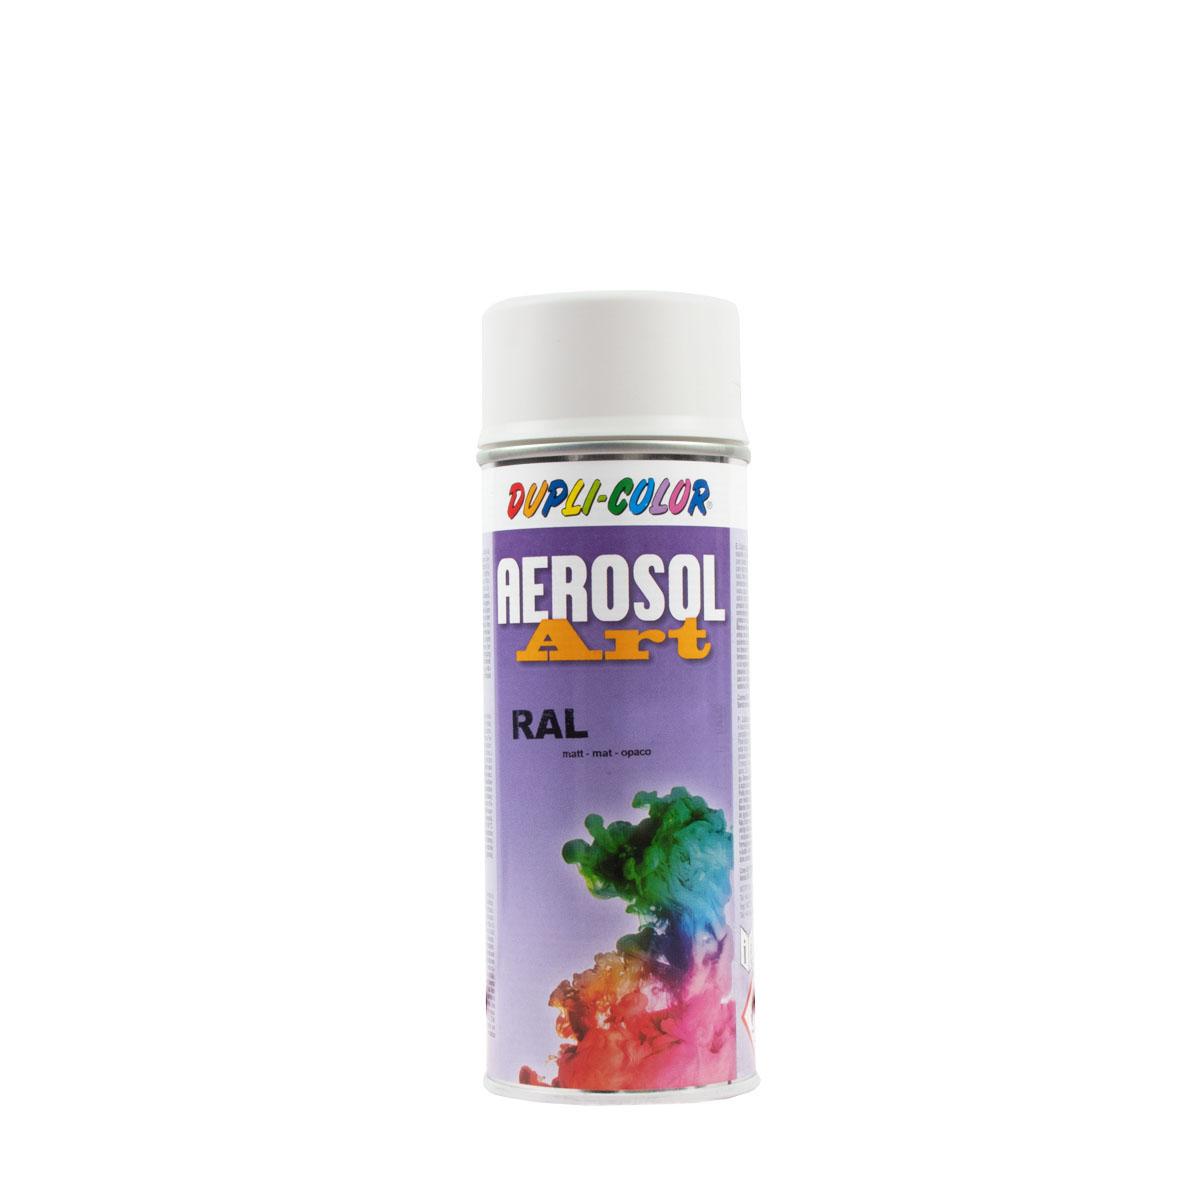 Dupli-Color Aerosol-Art matt 400ml RAL 9010 reinweiss, Sprühlack